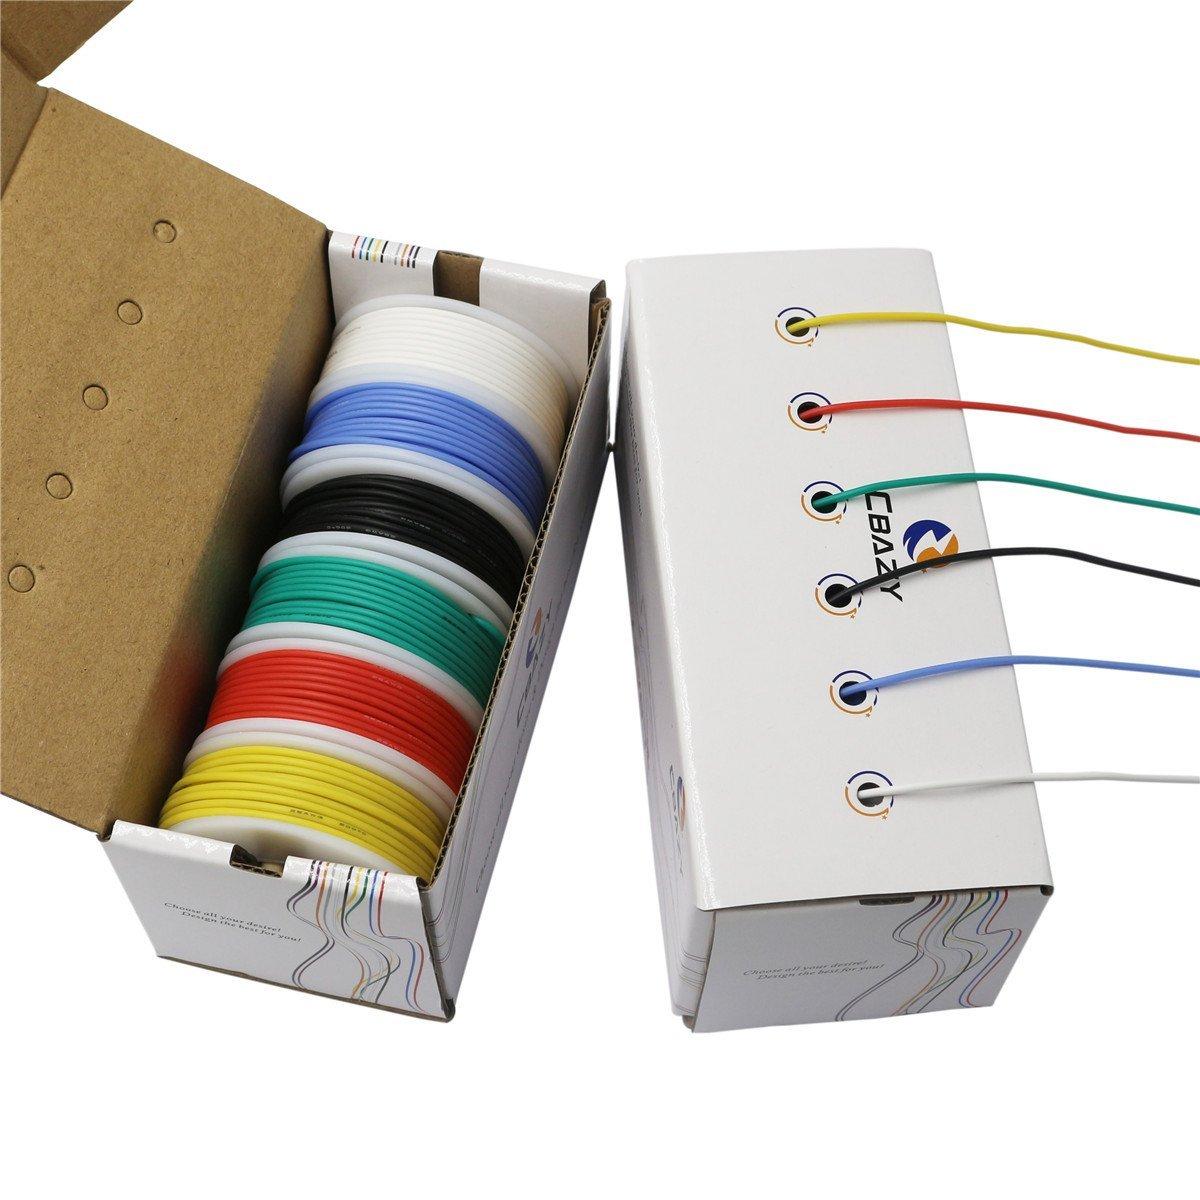 CBAZY Schaltdraht Kit (Litze Kit) 18 Gauge Flexible silikonkautschuk ...